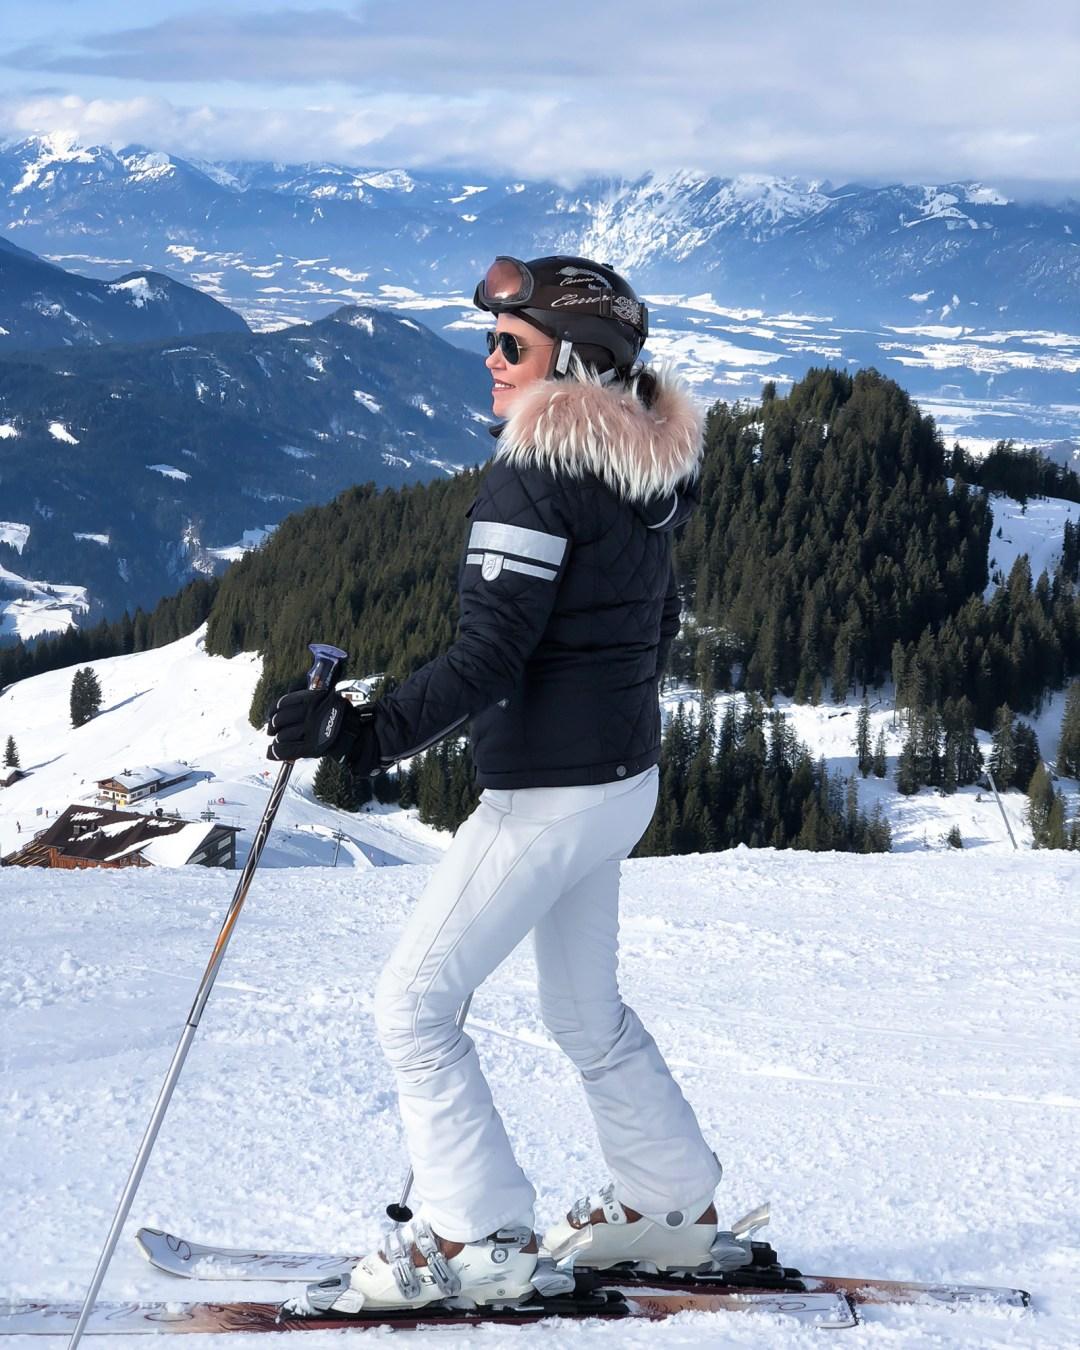 inastil, Ü50Blogger, Skiurlaub, Tirol, skifahren, Reiseblogger, Urlaub in Österreich, Skitage, Bergblick, Ausblick, Skiregion Brixental Wilder Kaiser, Skimode-34